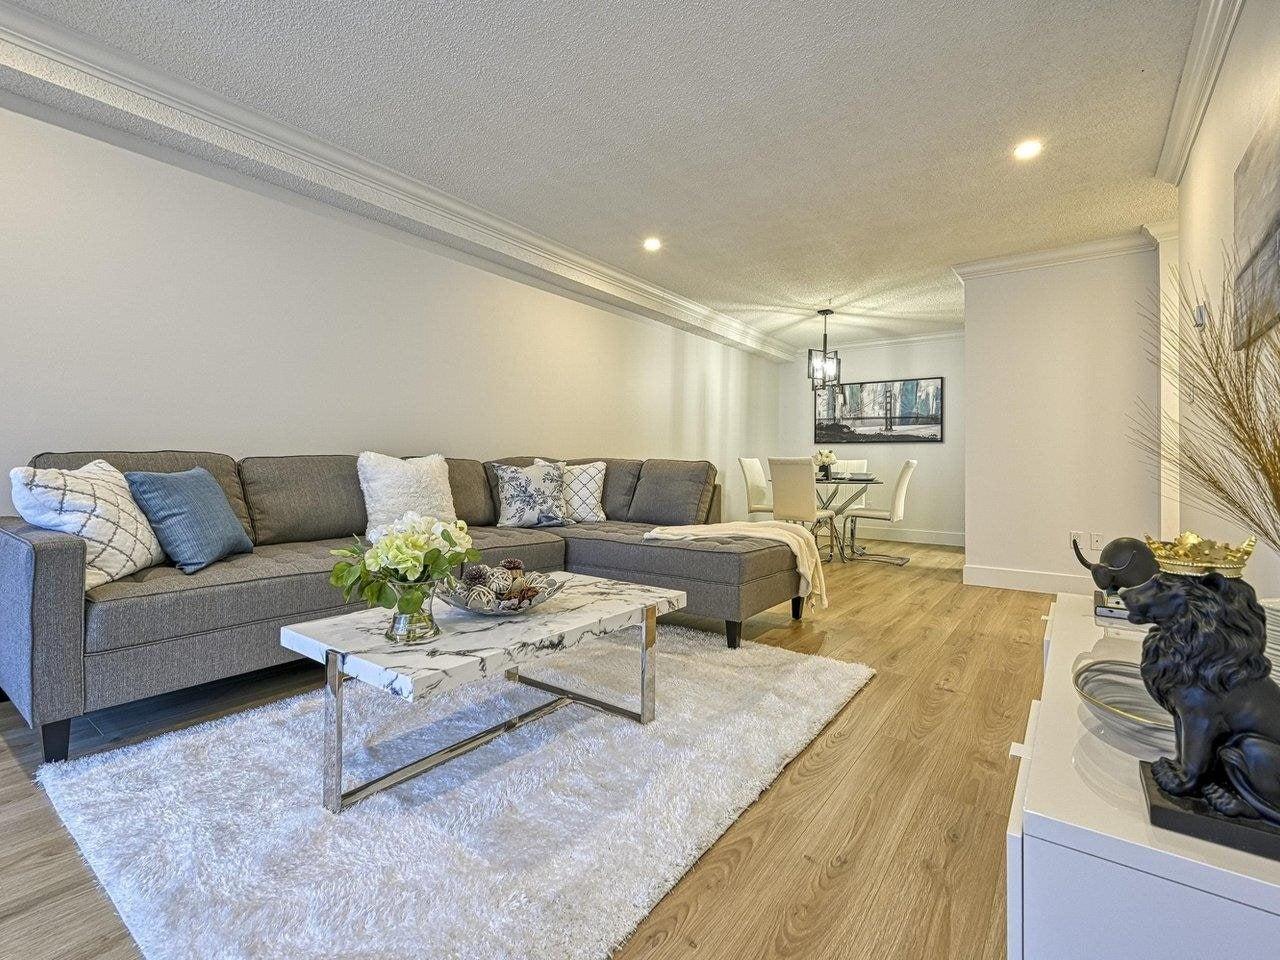 102 8840 NO. 1 ROAD - Boyd Park Apartment/Condo for sale, 2 Bedrooms (R2606468) - #1